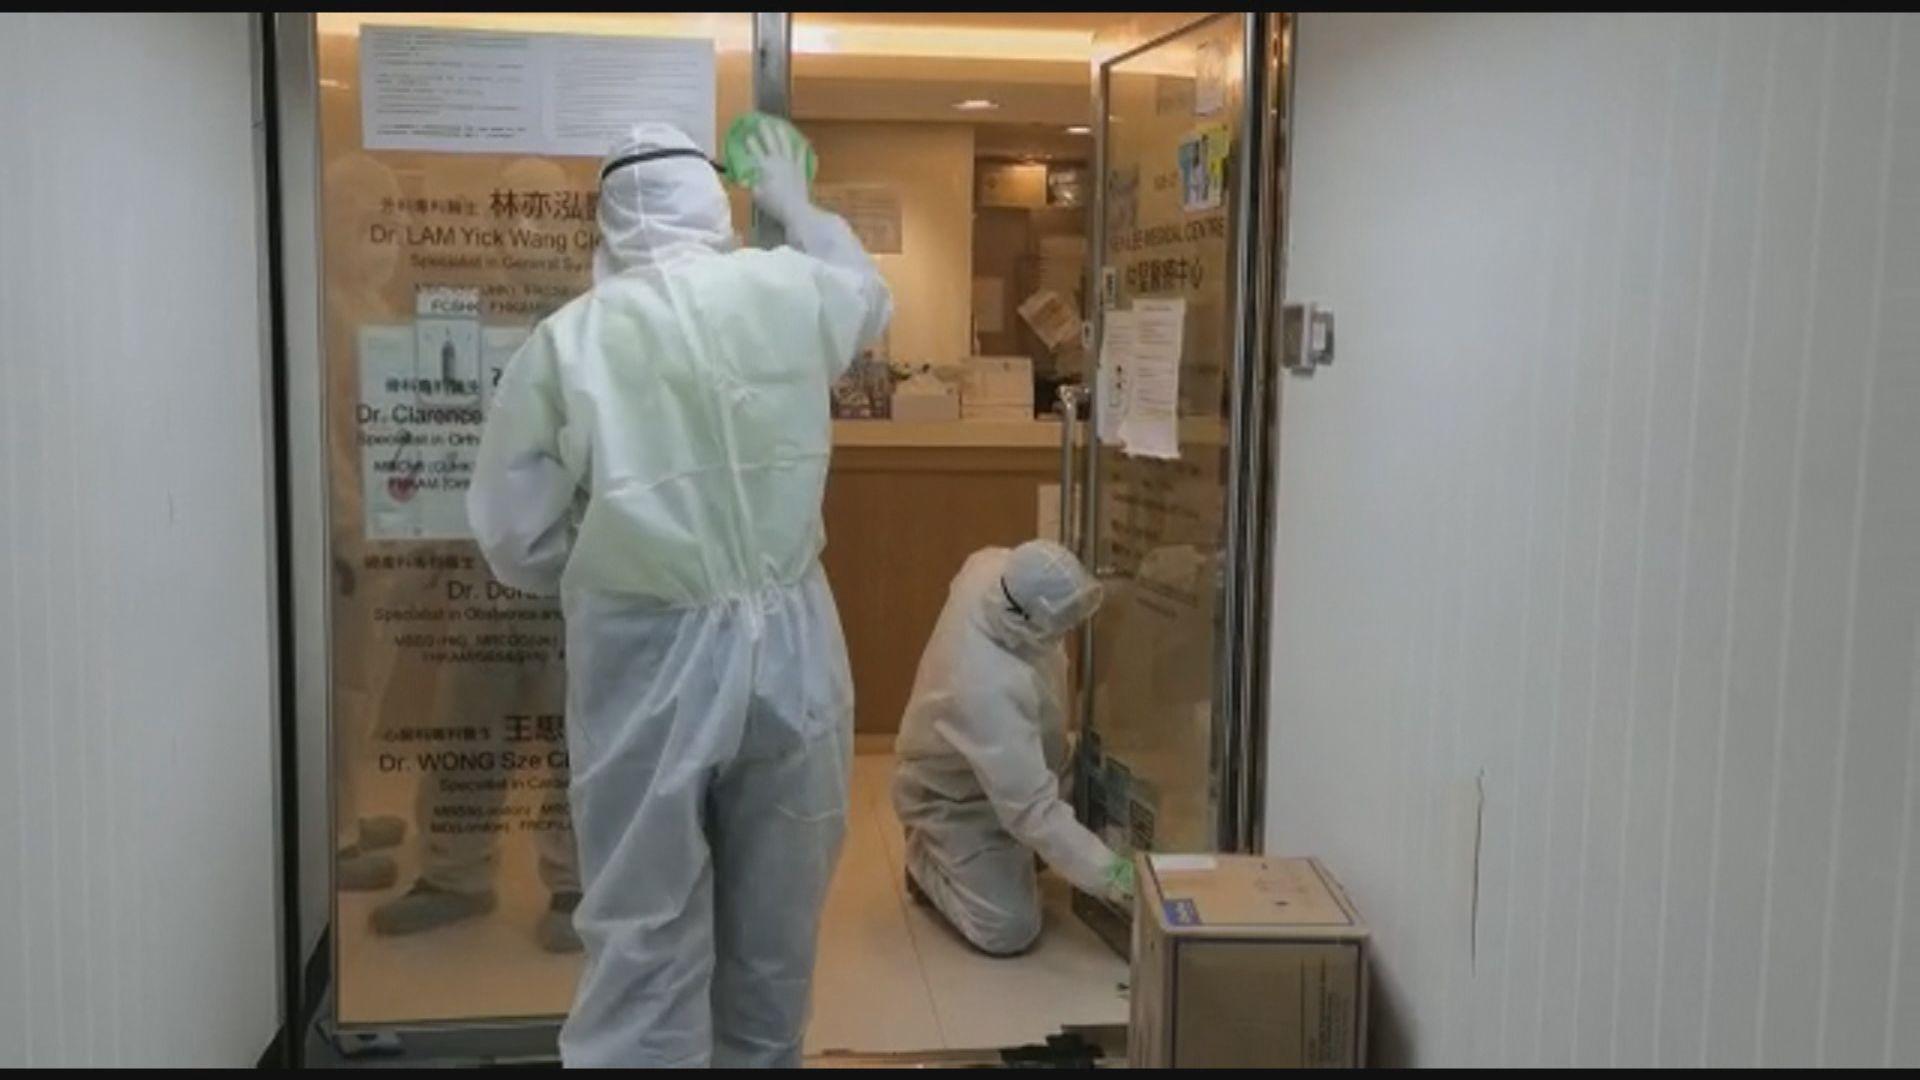 消息指增86宗確診 旺角中心婦產科醫生劉黃色鳳染疫